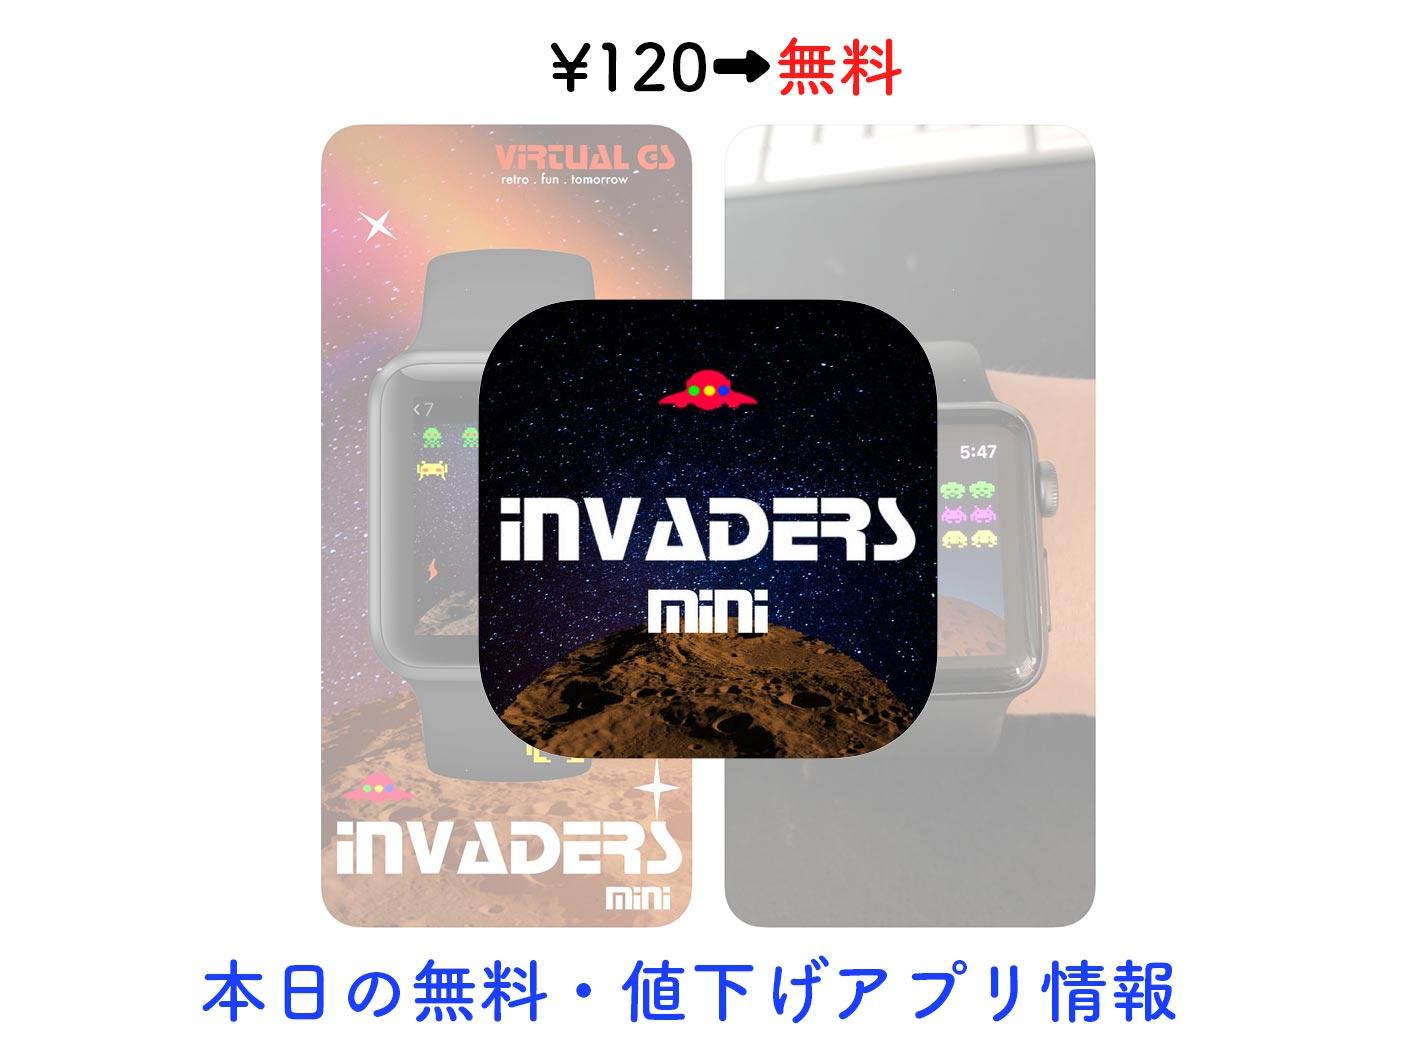 120円→無料、Apple Watchにも対応したインベーダー「Invaders mini」など【8/18】セールアプリ情報